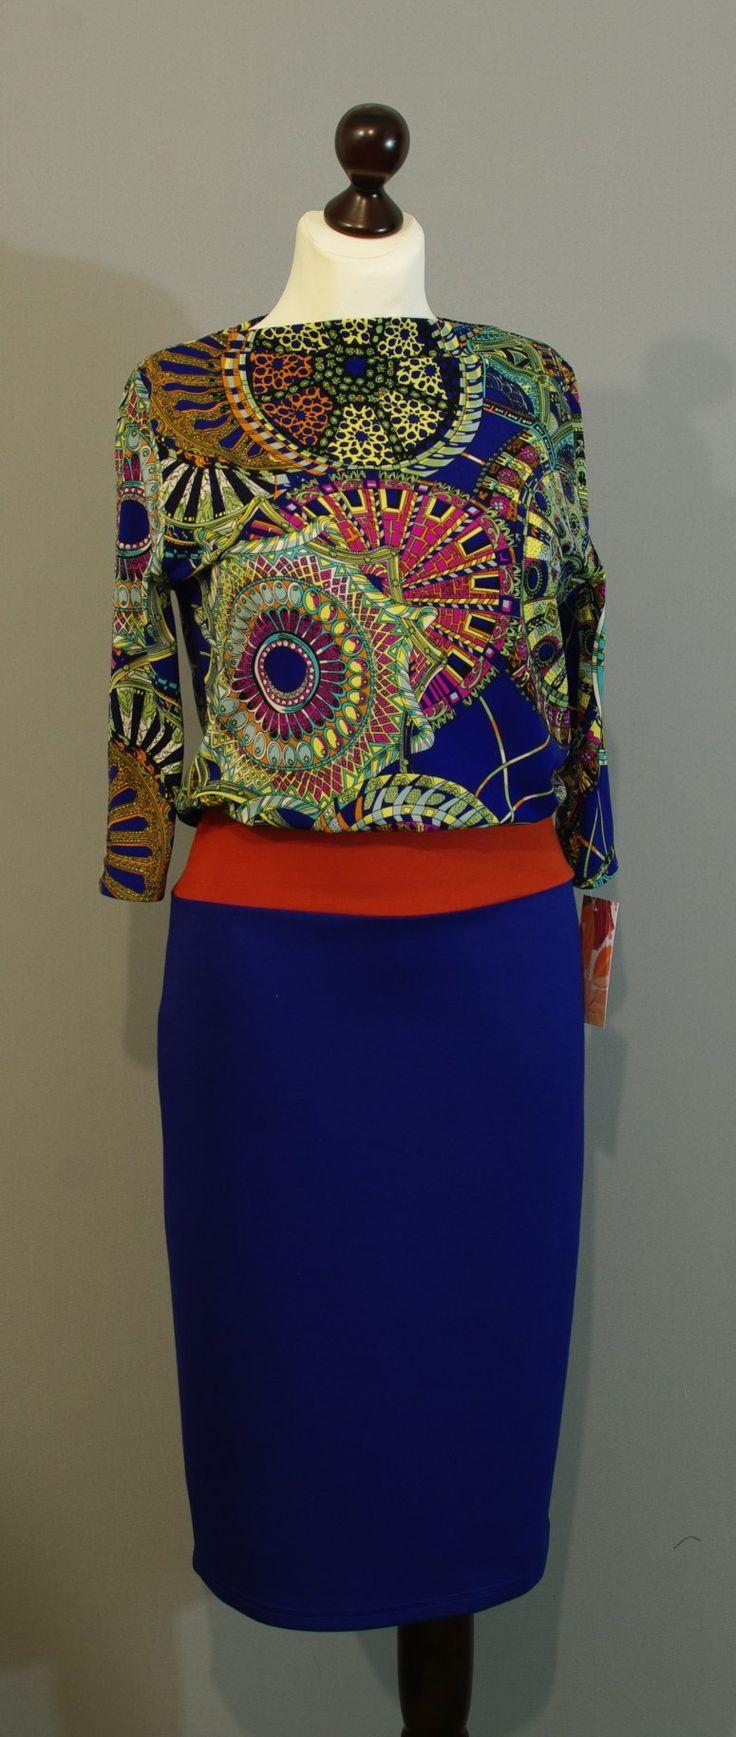 Теплое платье цвета индиго от дизайнера Юлии, Платье-терапия Киев (36)